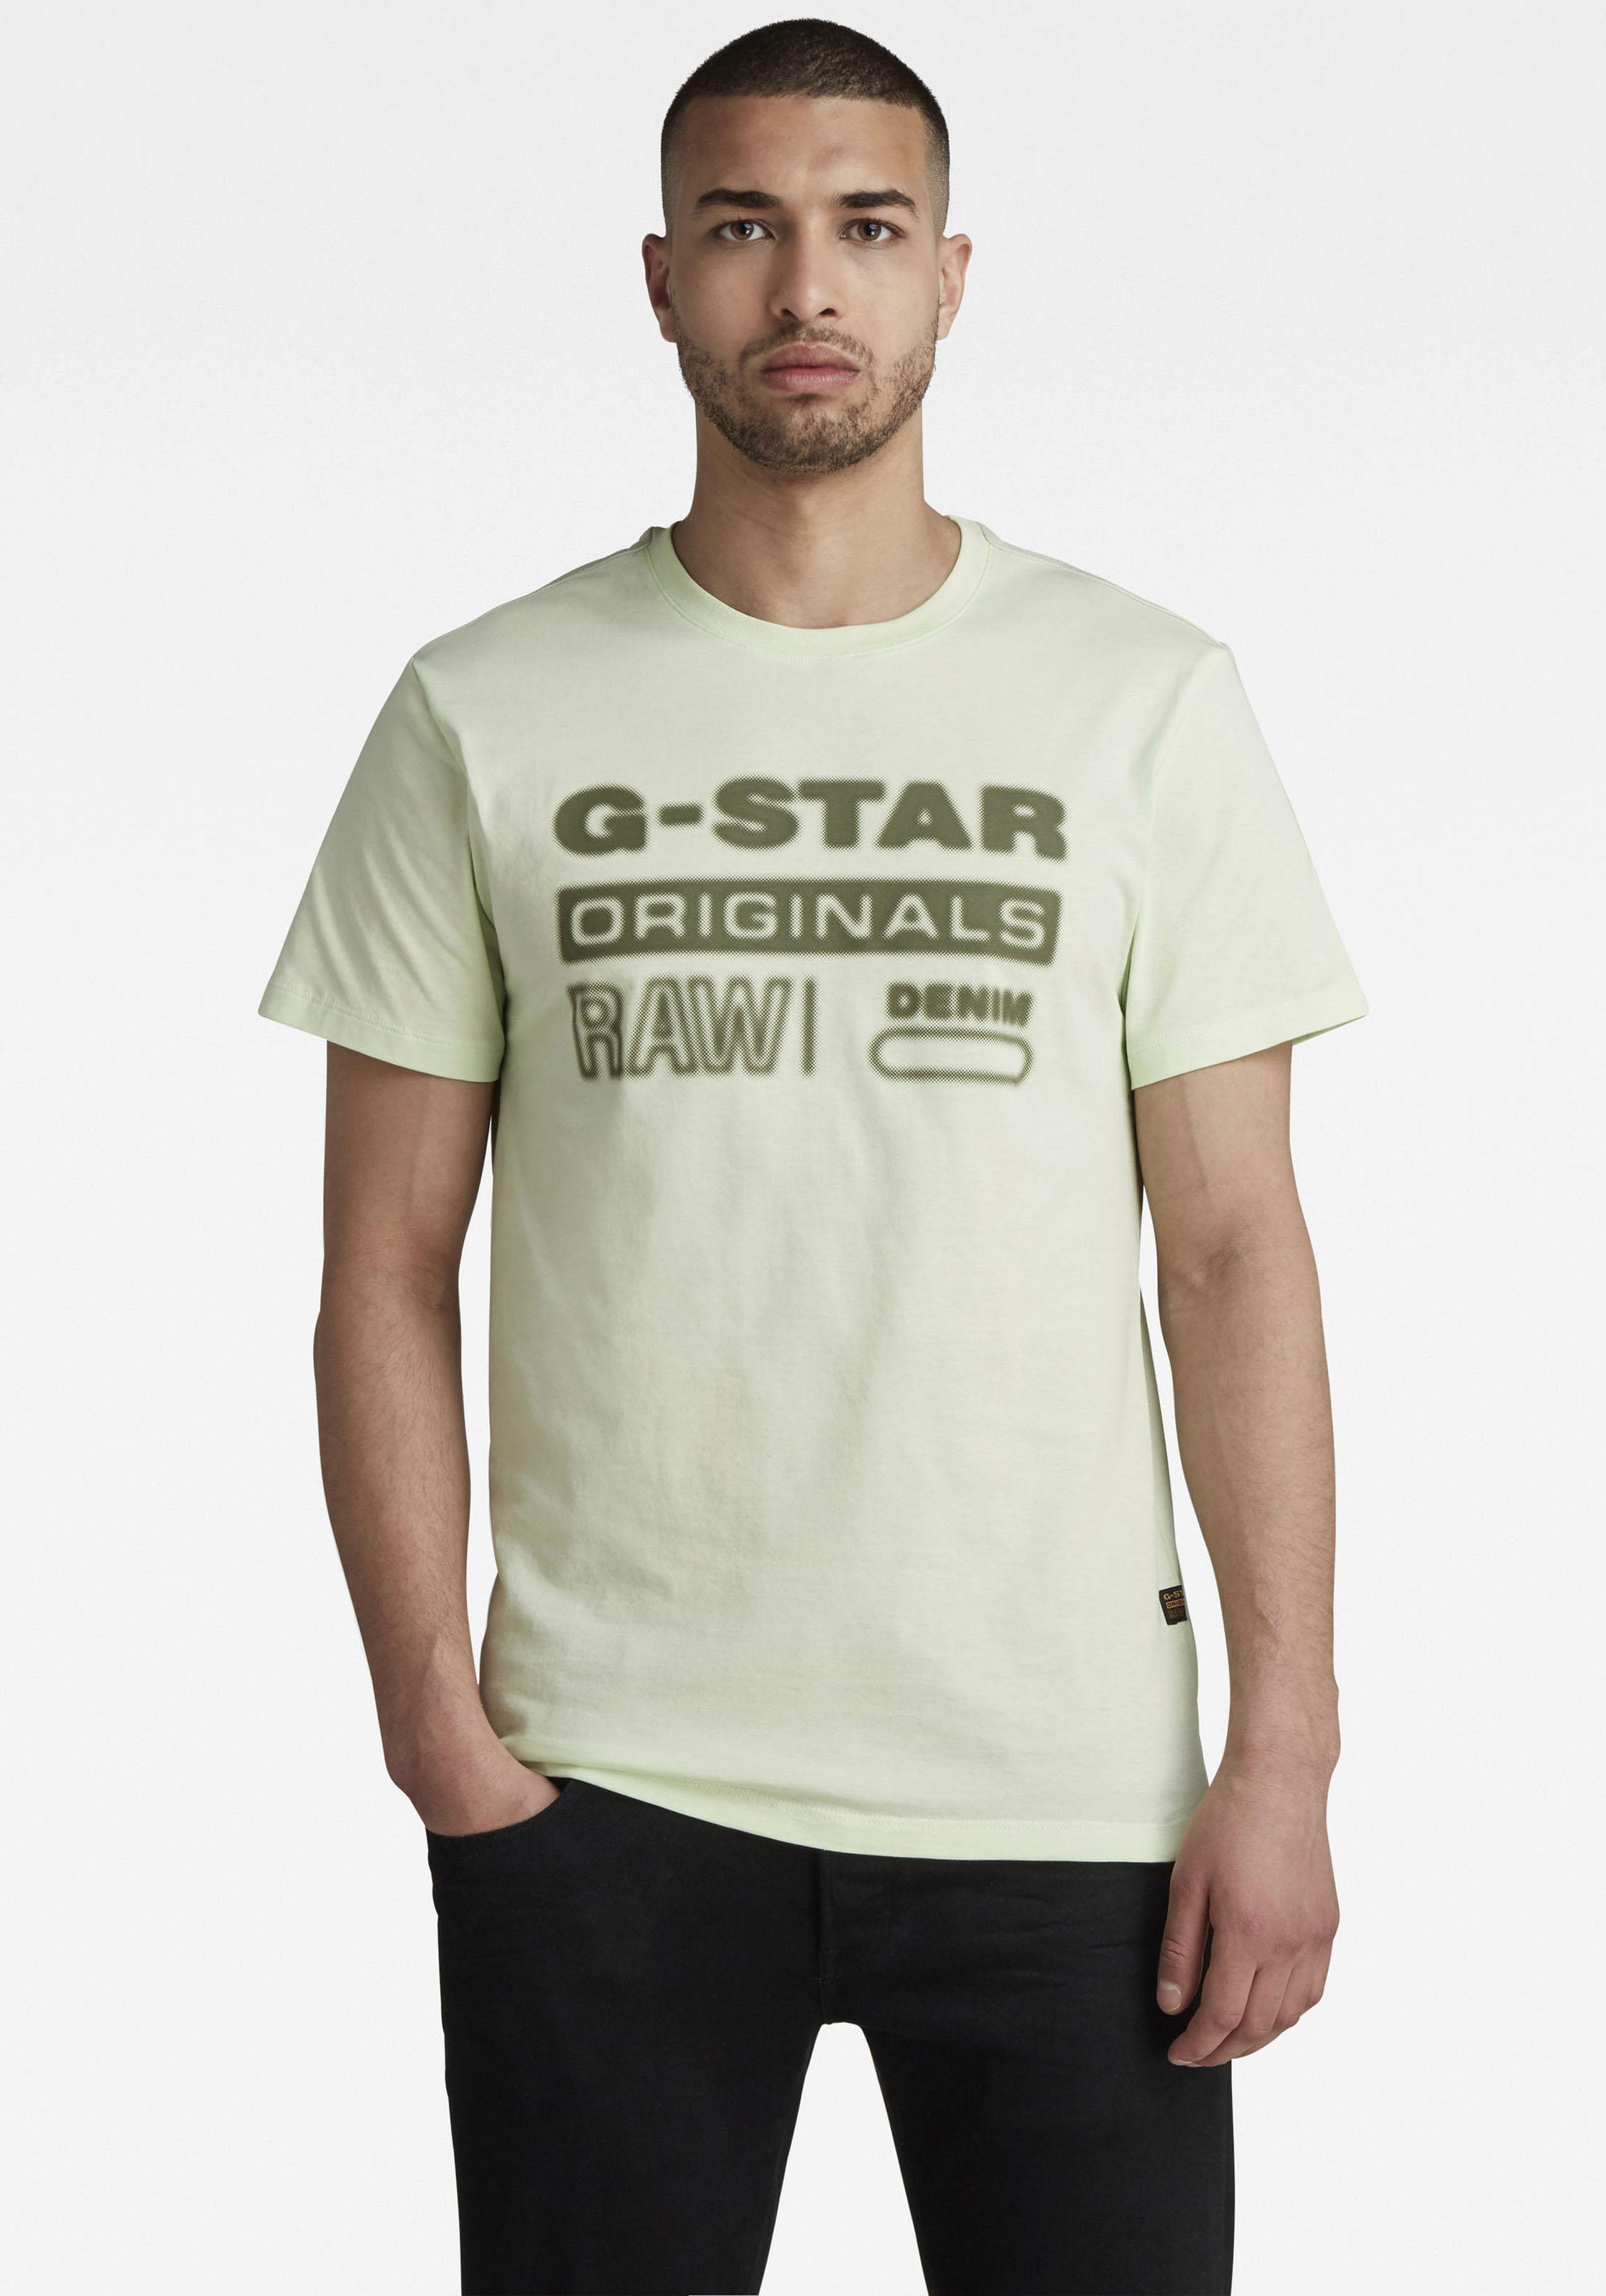 G-Star RAW Rundhalsshirt »Originals hd graphic« kaufen